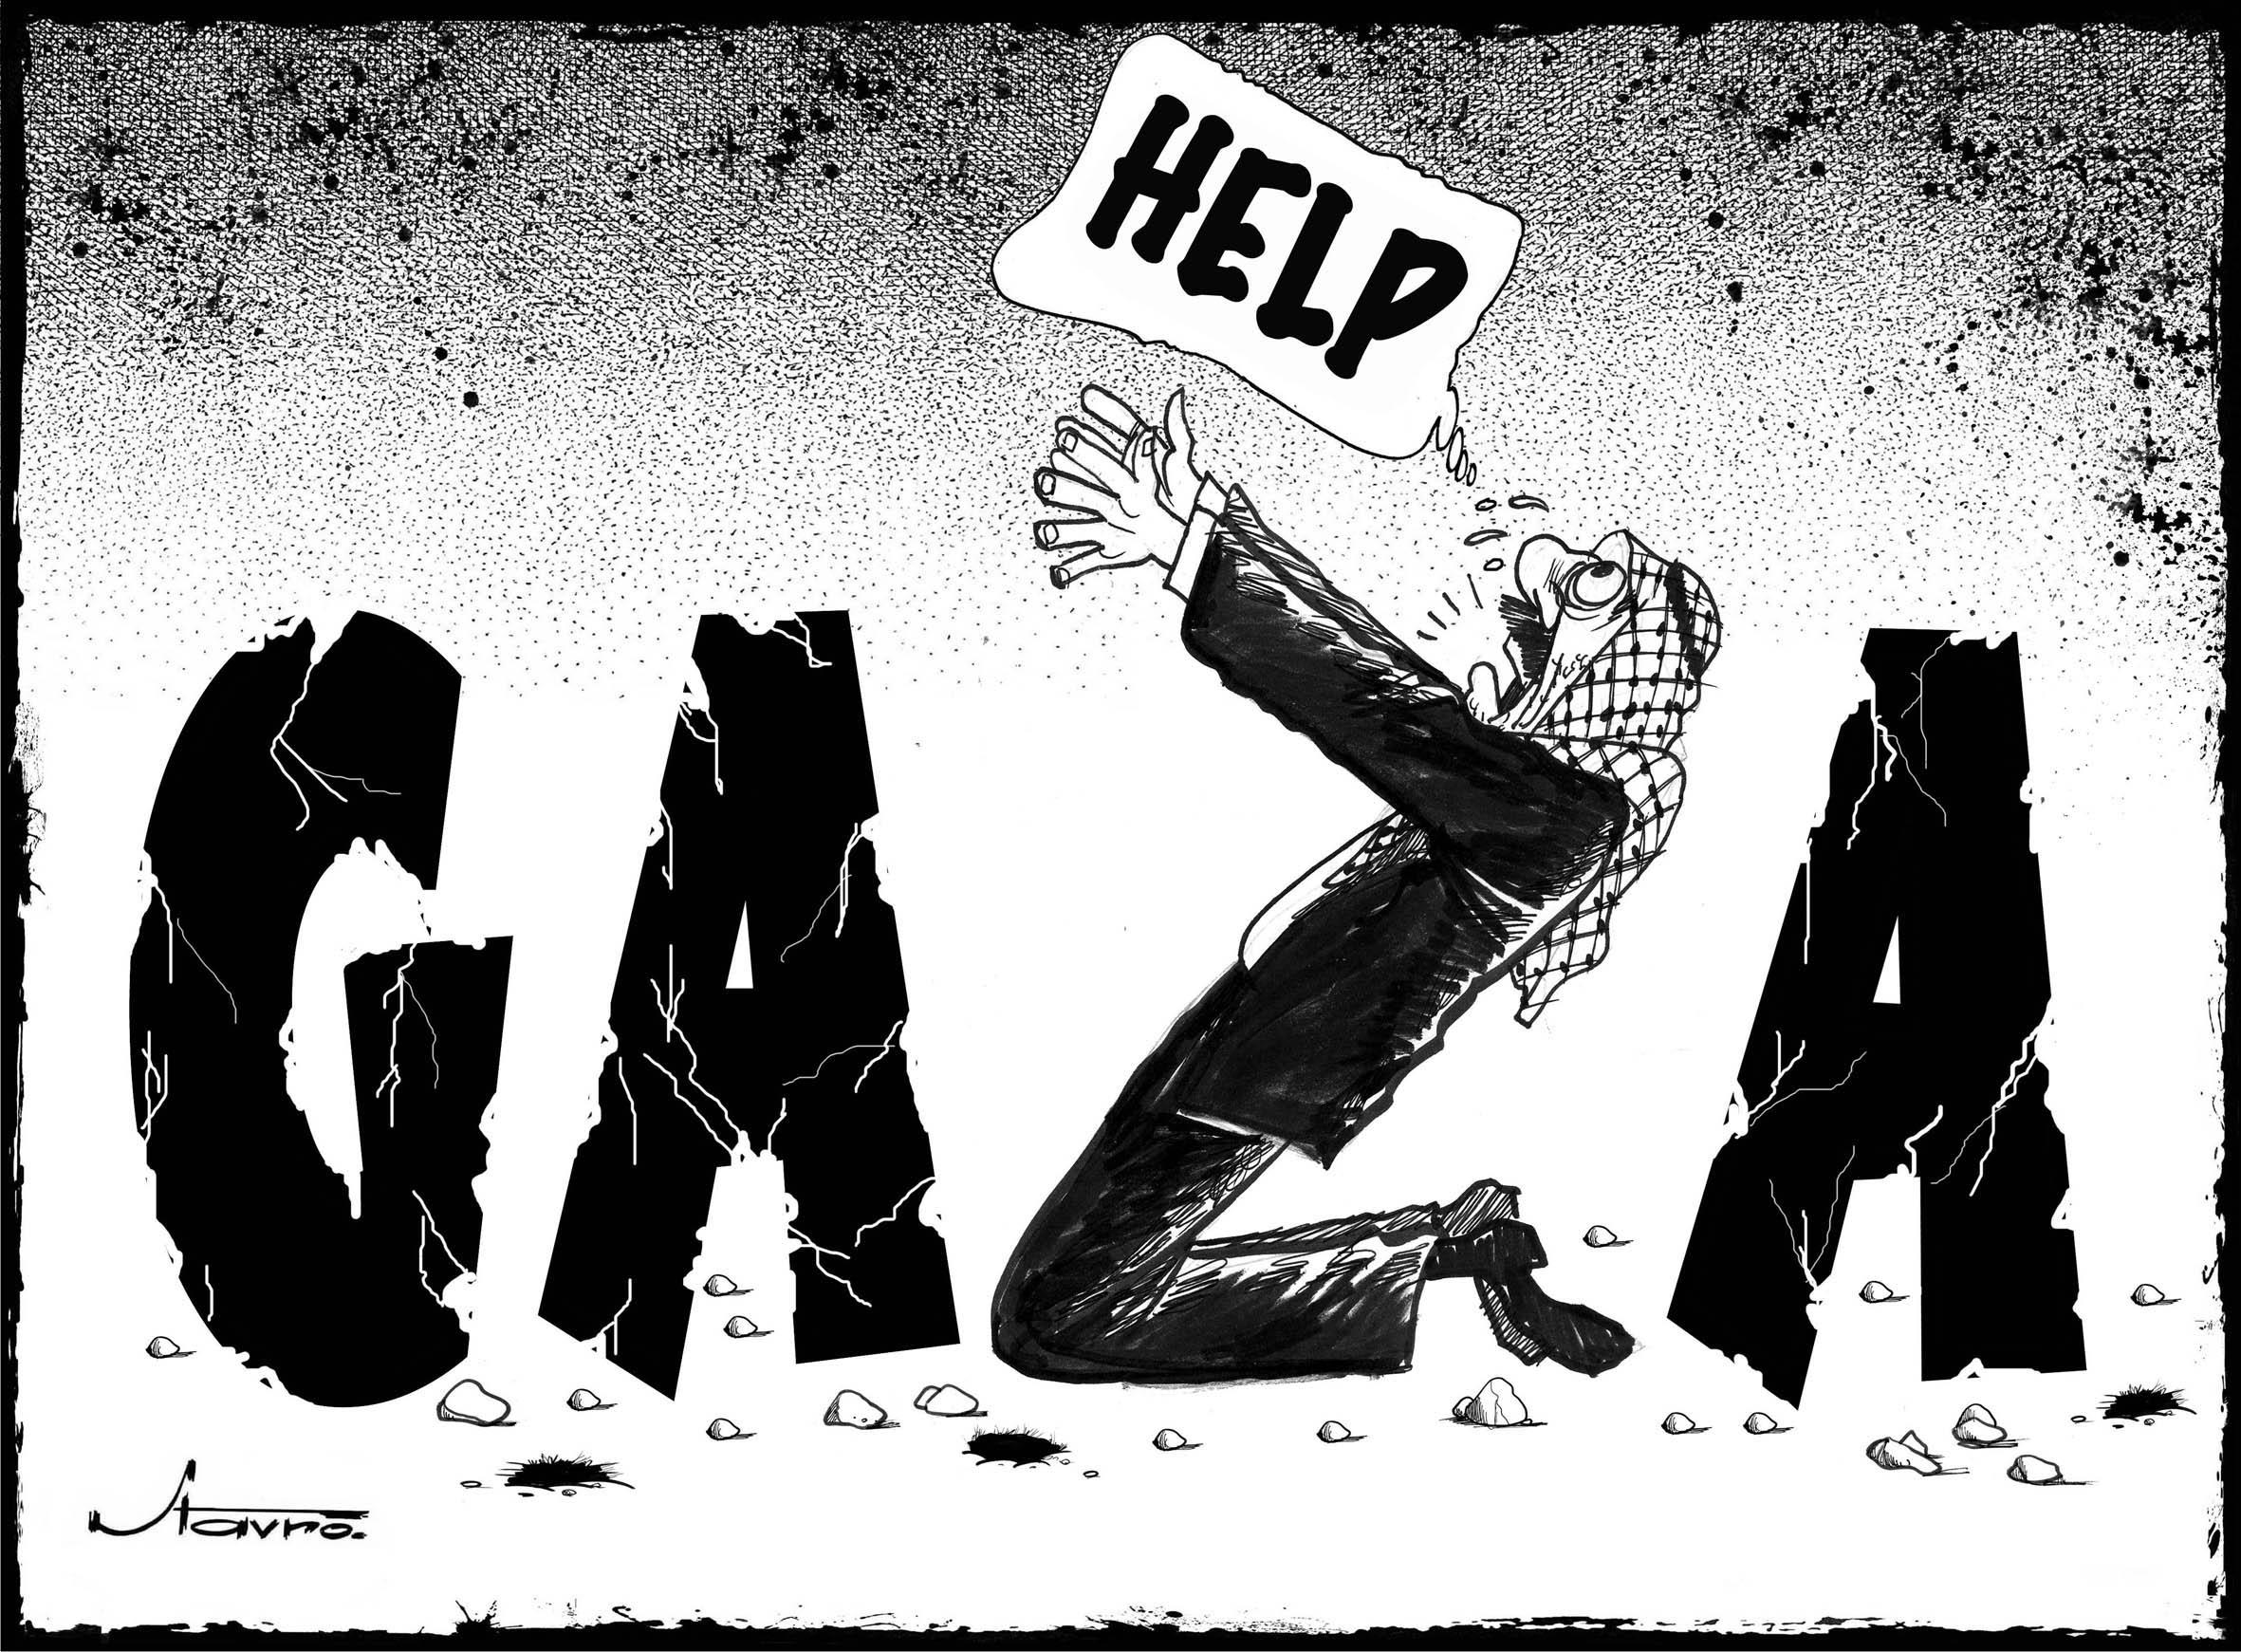 STAVRO-jabra-cartoonist-4